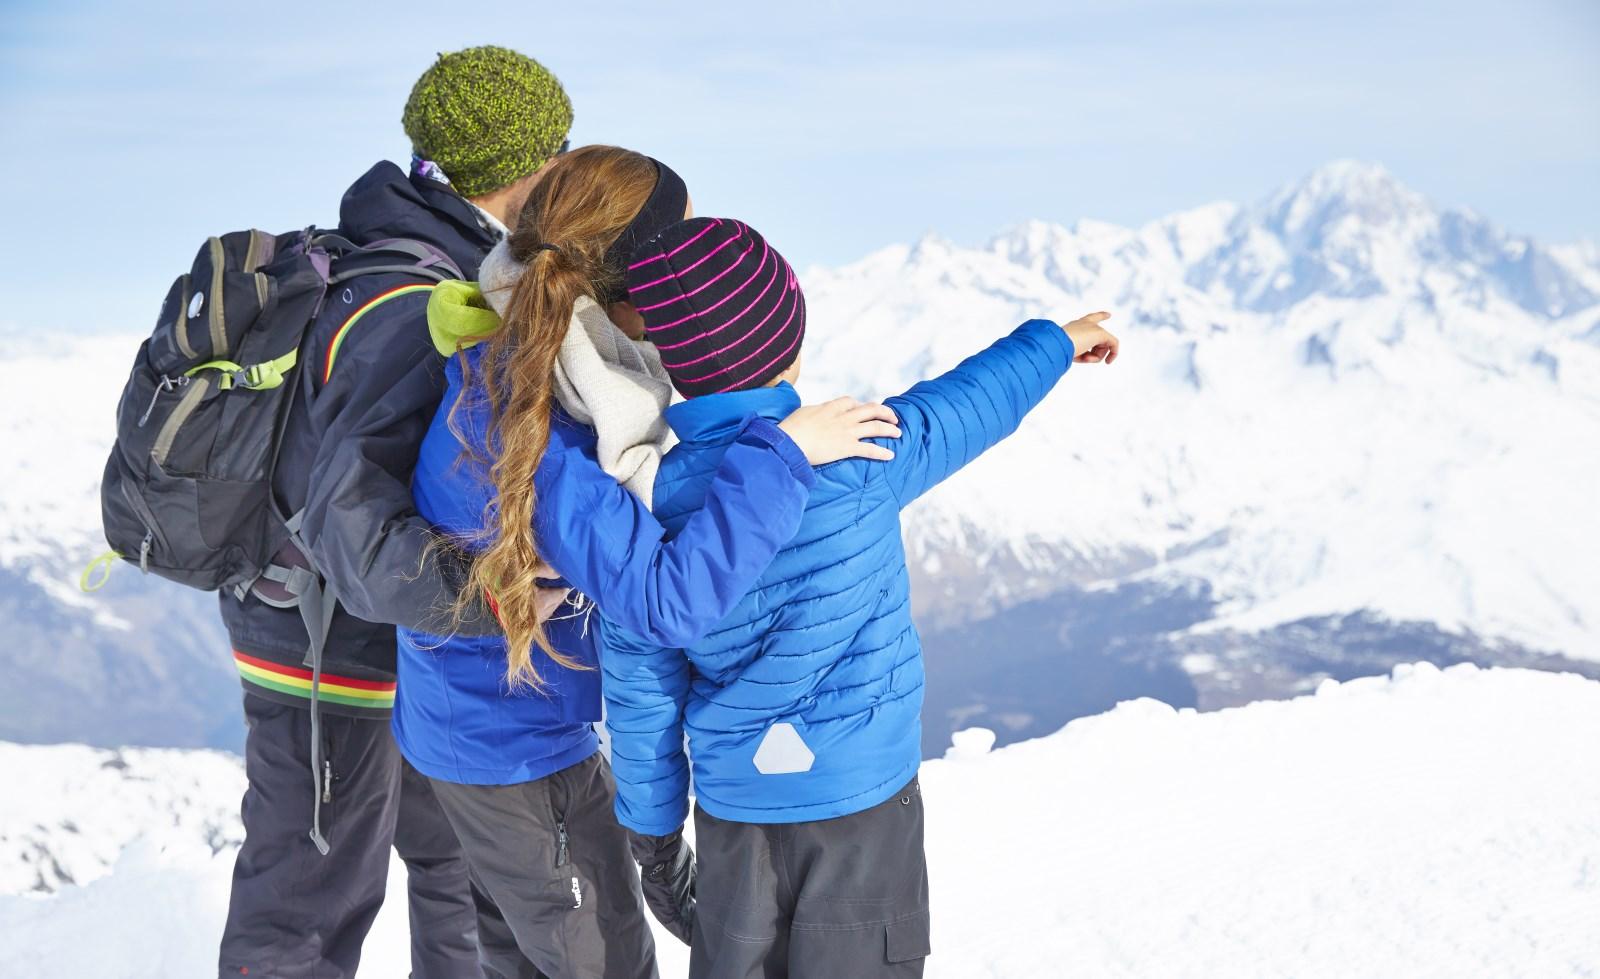 Les Arcs / Paradiski ski area